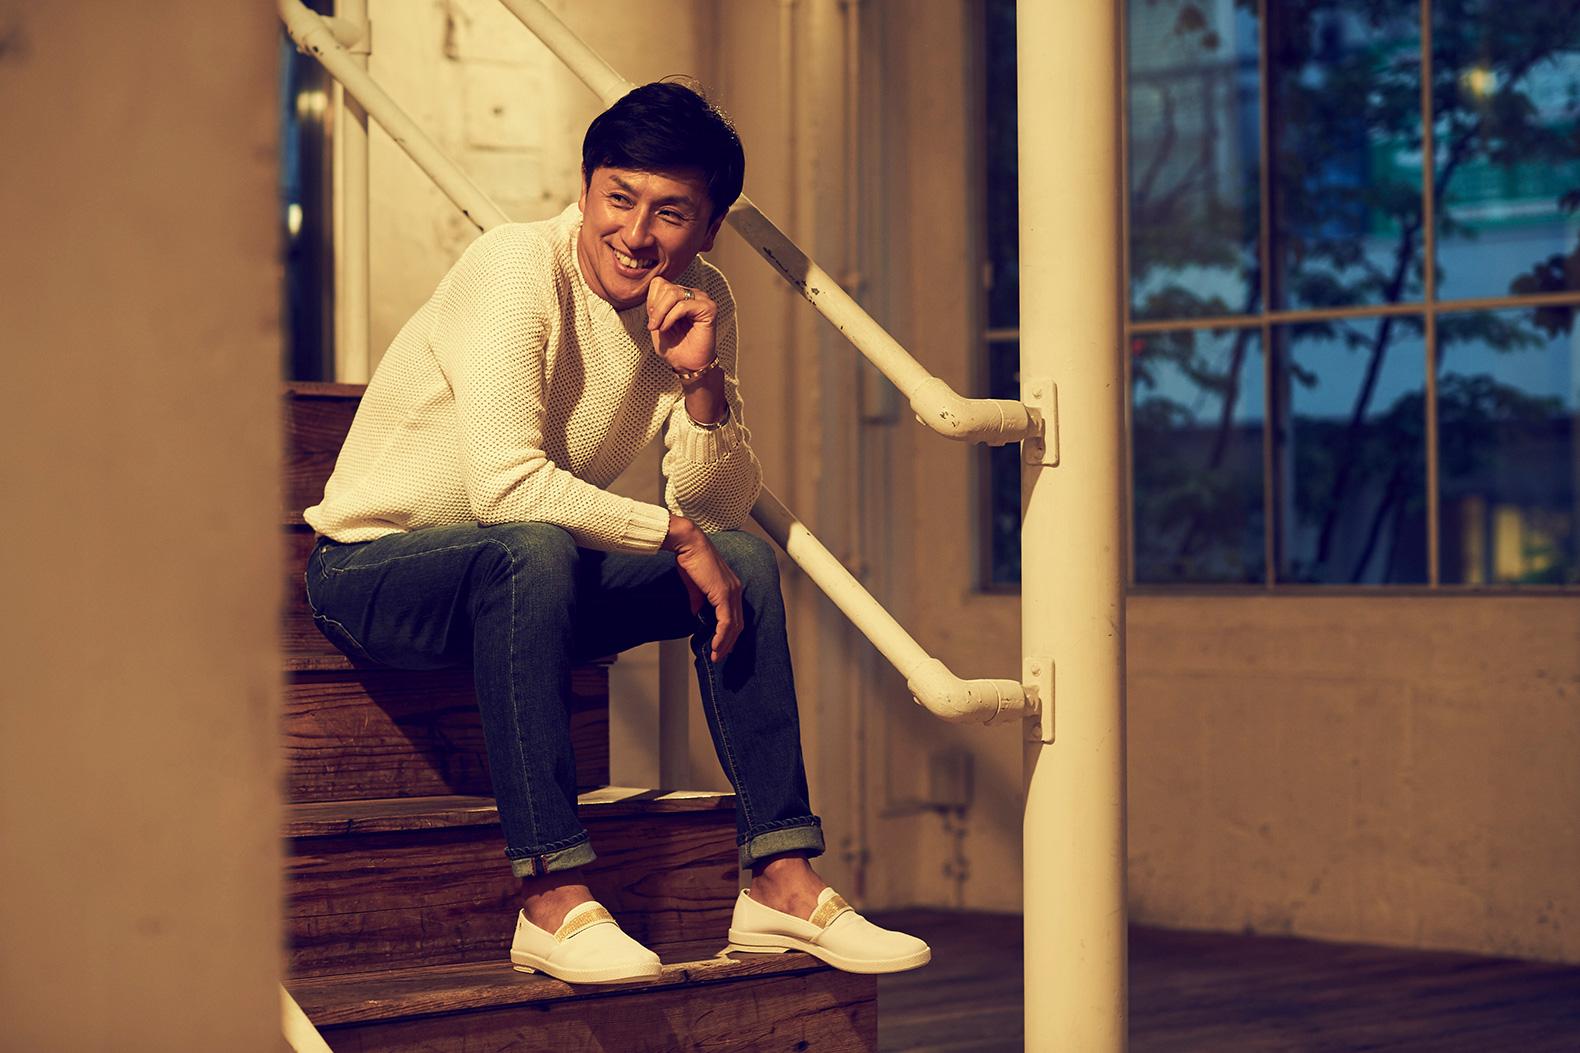 街履きできるリゾート靴は 戸賀プロデュースのリビエラで決まり !